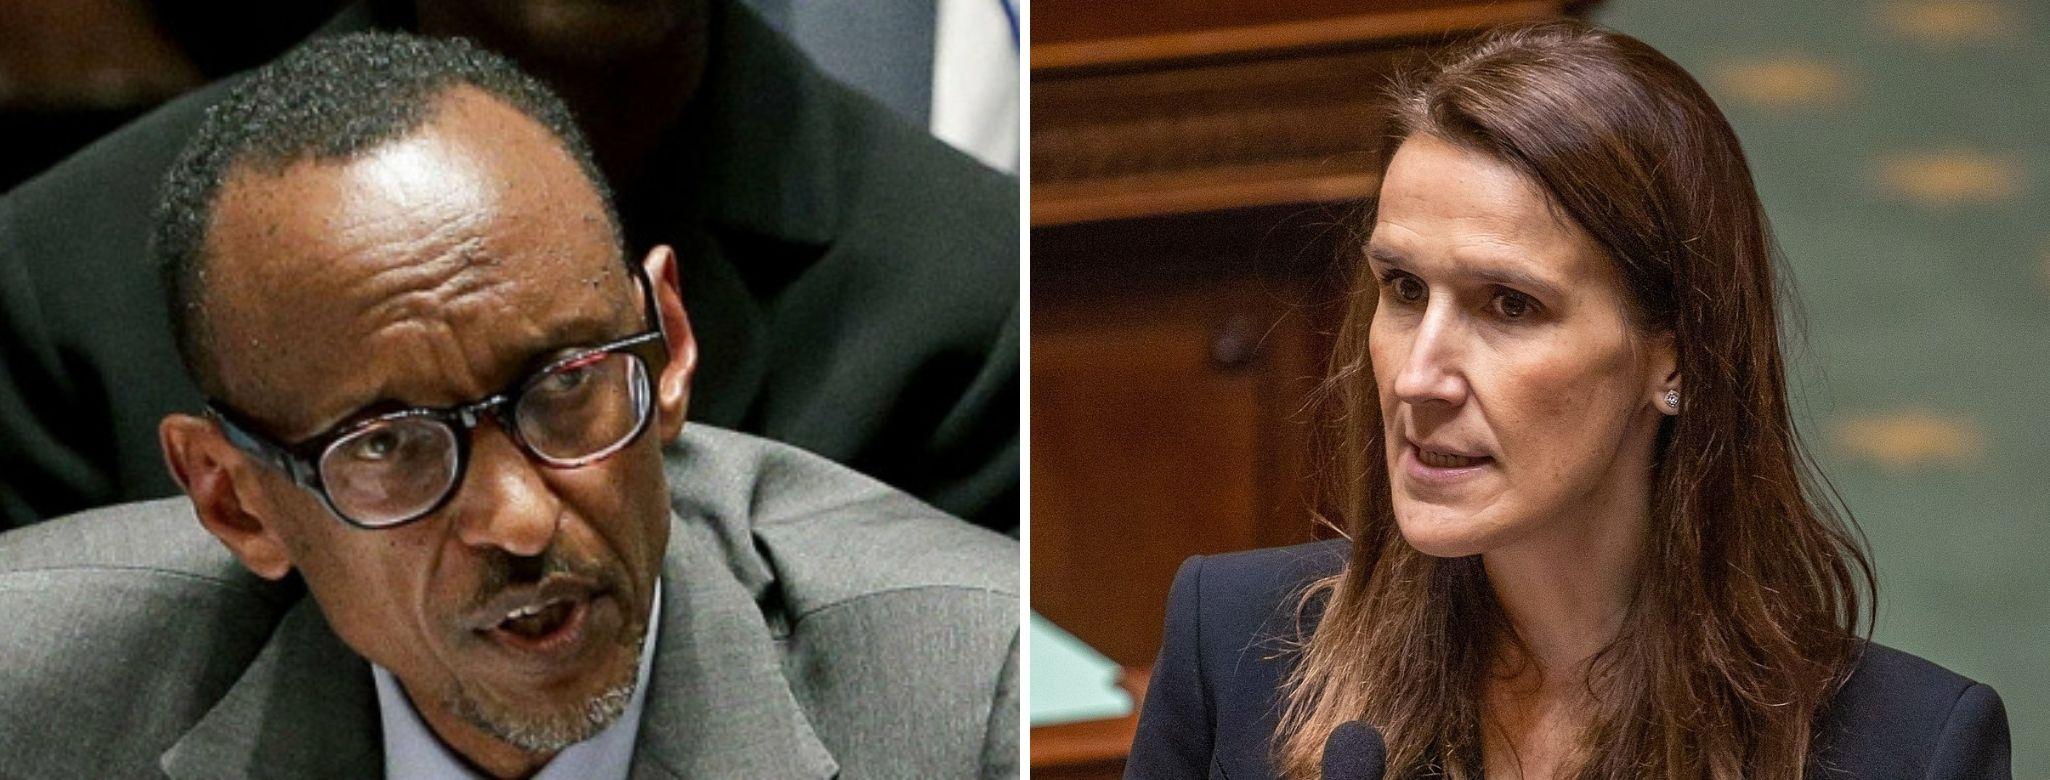 Rwanda – Belgique : de la friture dans les relations diplomatiques ?